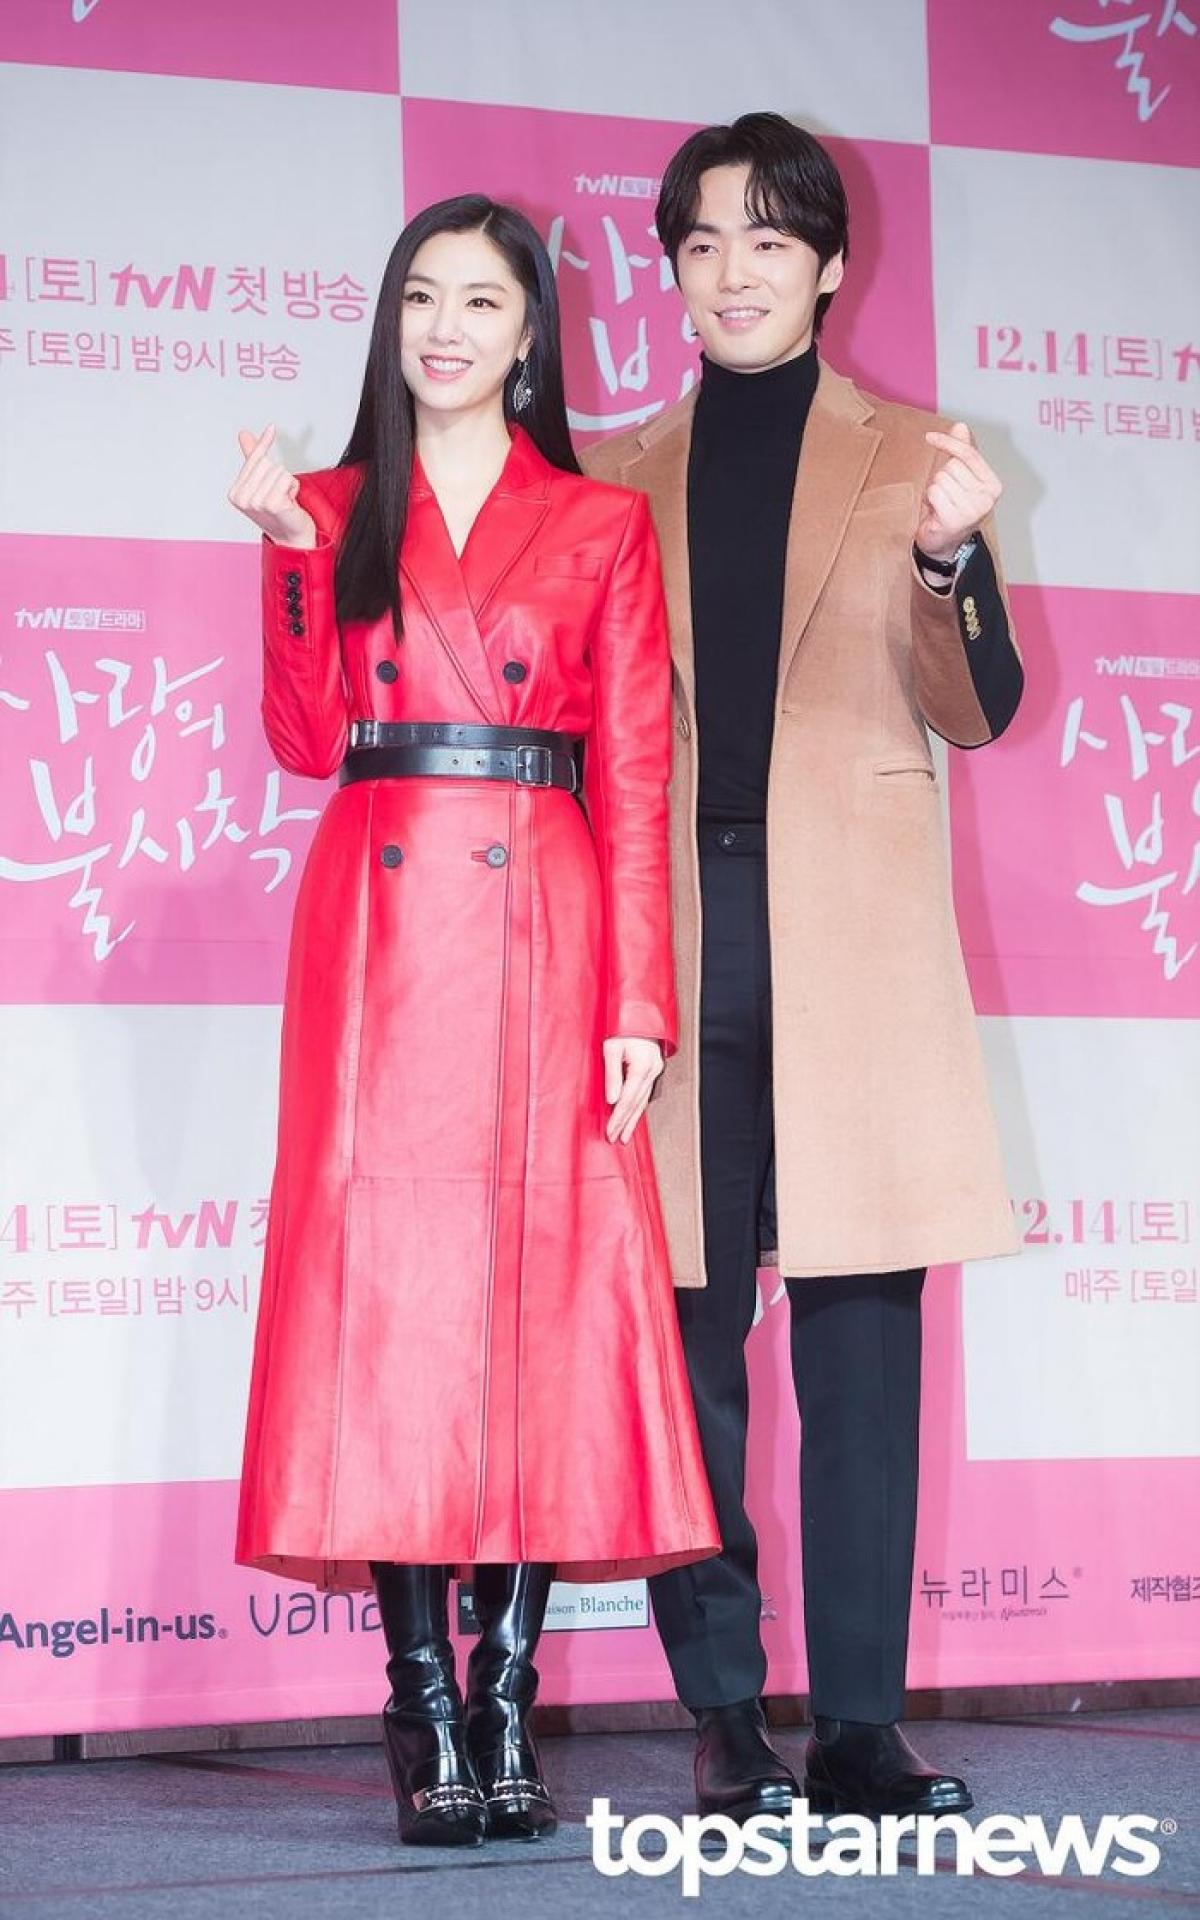 """Truyền thông Hàn Quốc đưa tin cặp đôi nam - nữ phụ của """"Hạ cánh nơi anh"""" hiện đang hẹn hò."""